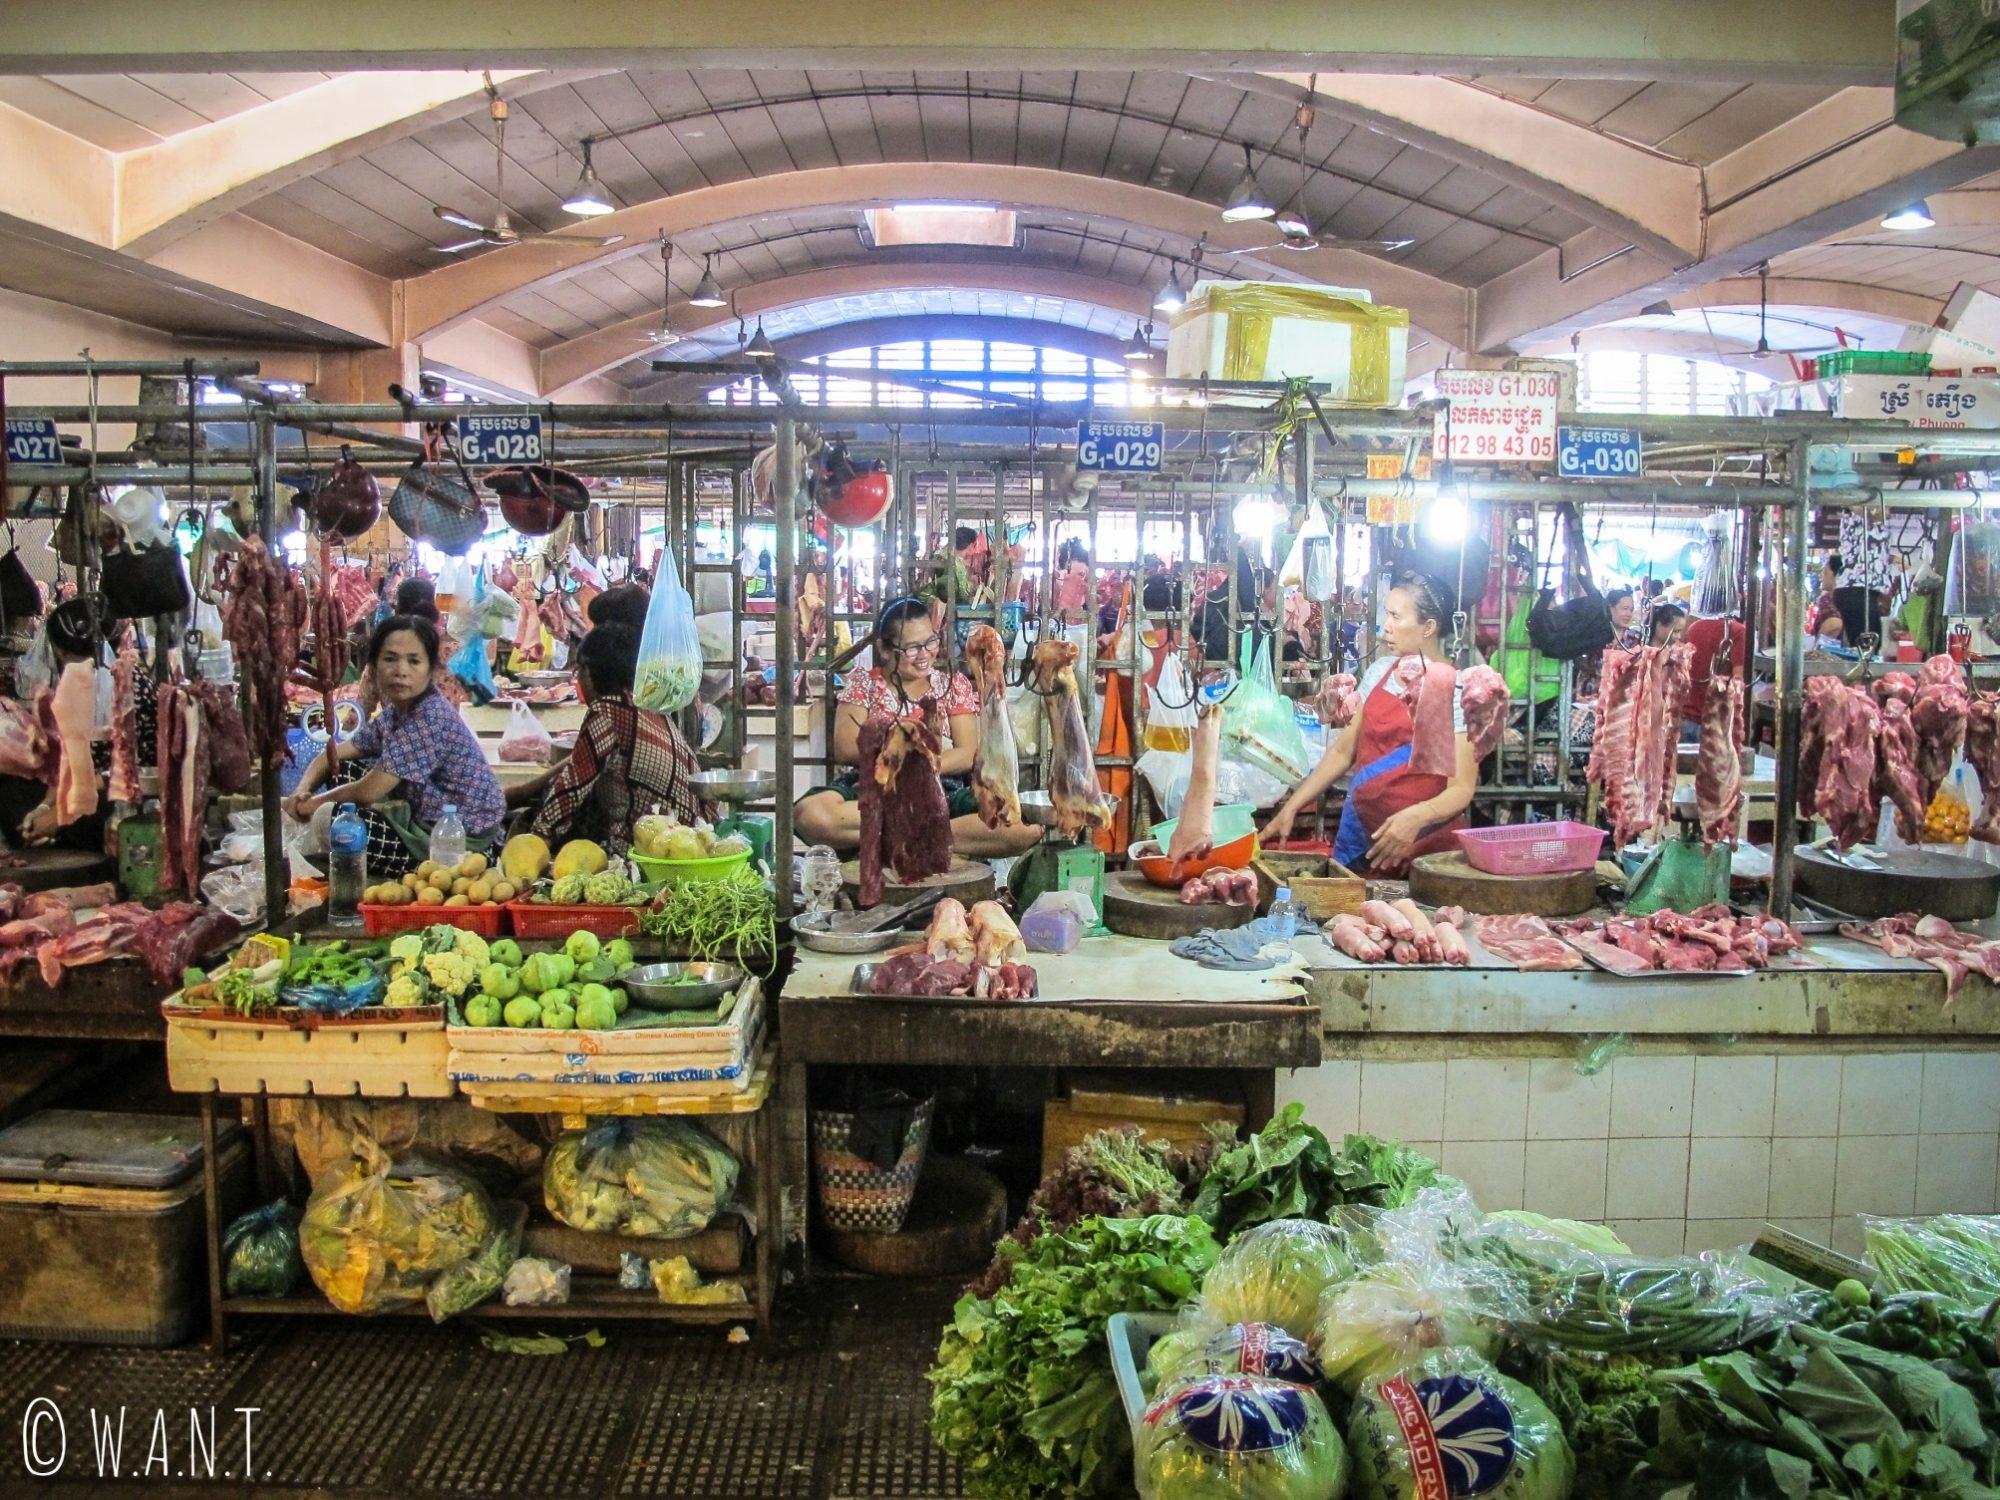 Une partie du Marché Central de Phnom Penh est consacrée au produits frais